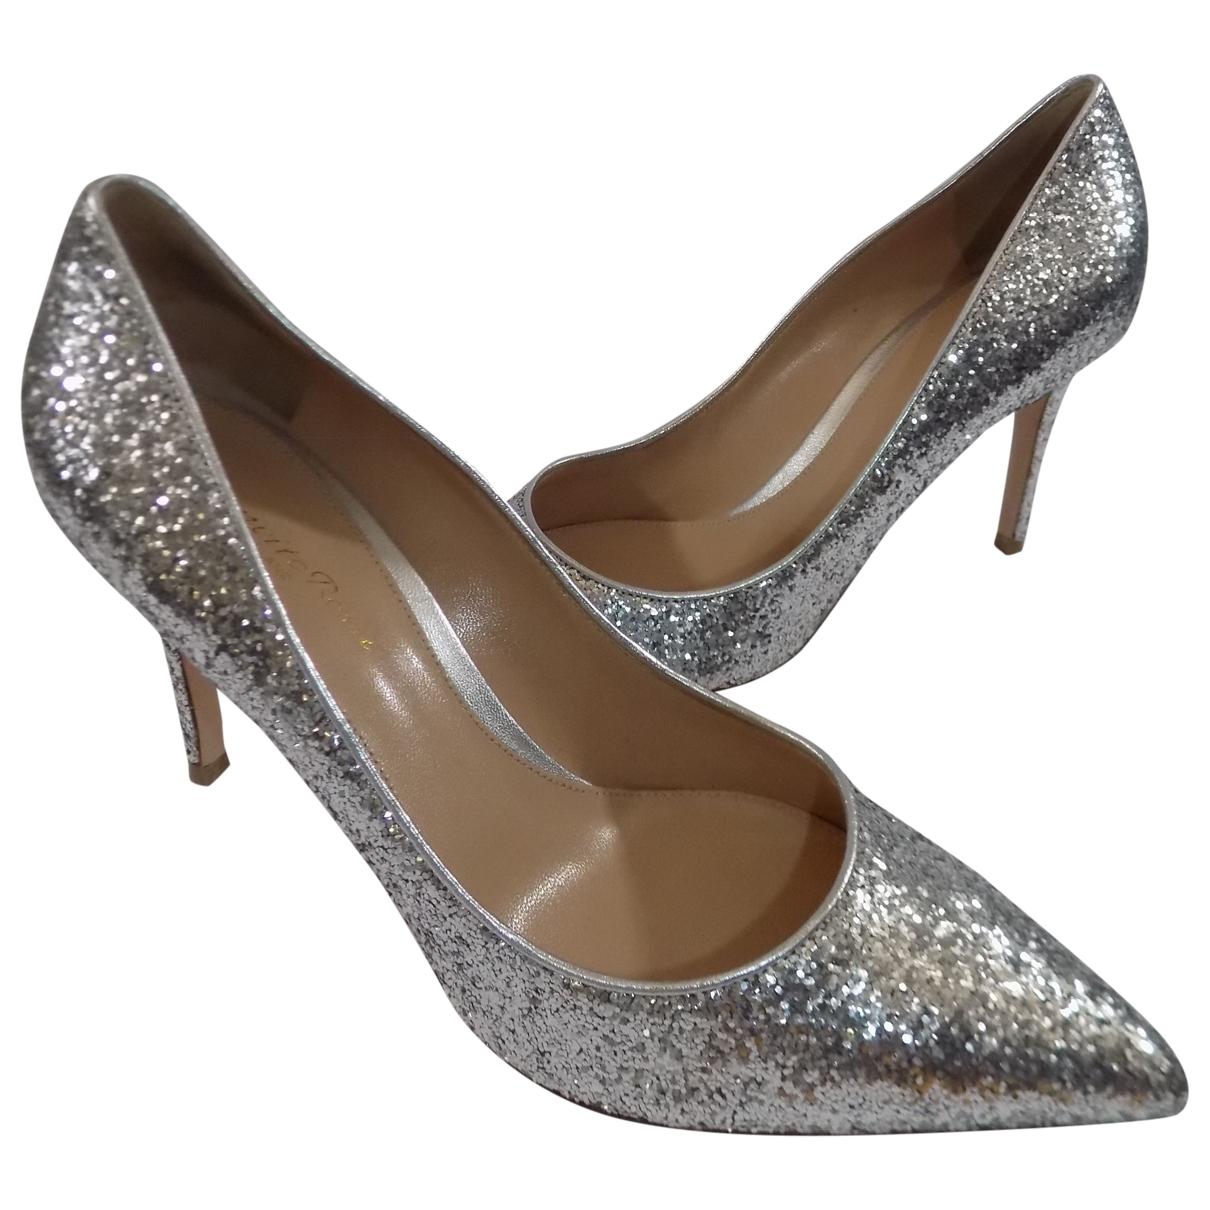 Gianvito Rossi \N Silver Glitter Heels for Women 40 IT